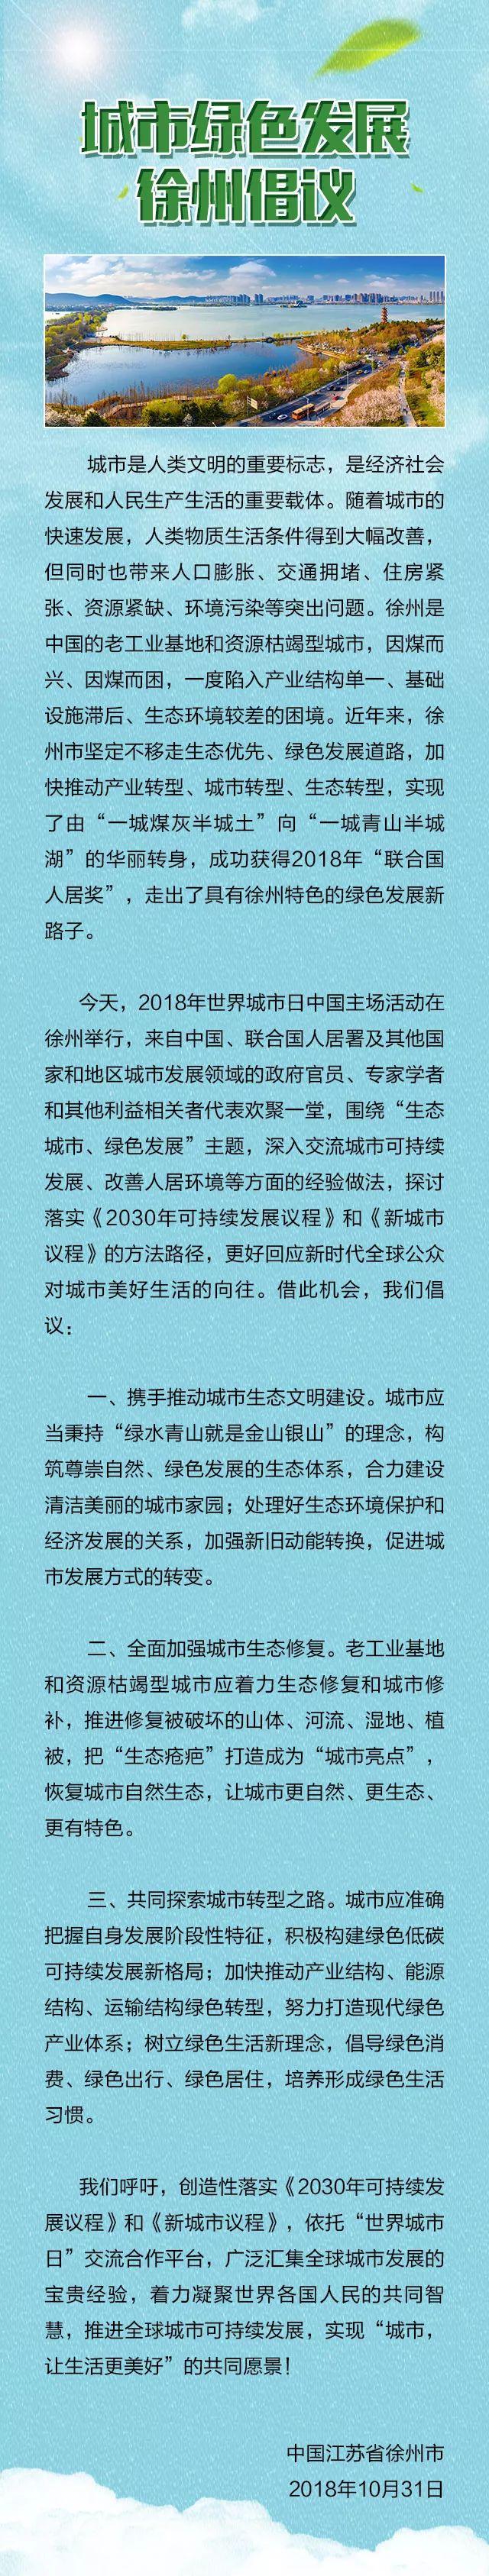 【澎湃问政】_城市绿色发展,徐州今天向世界发出倡议!_权威发布_澎湃新闻-ThePaper.cn